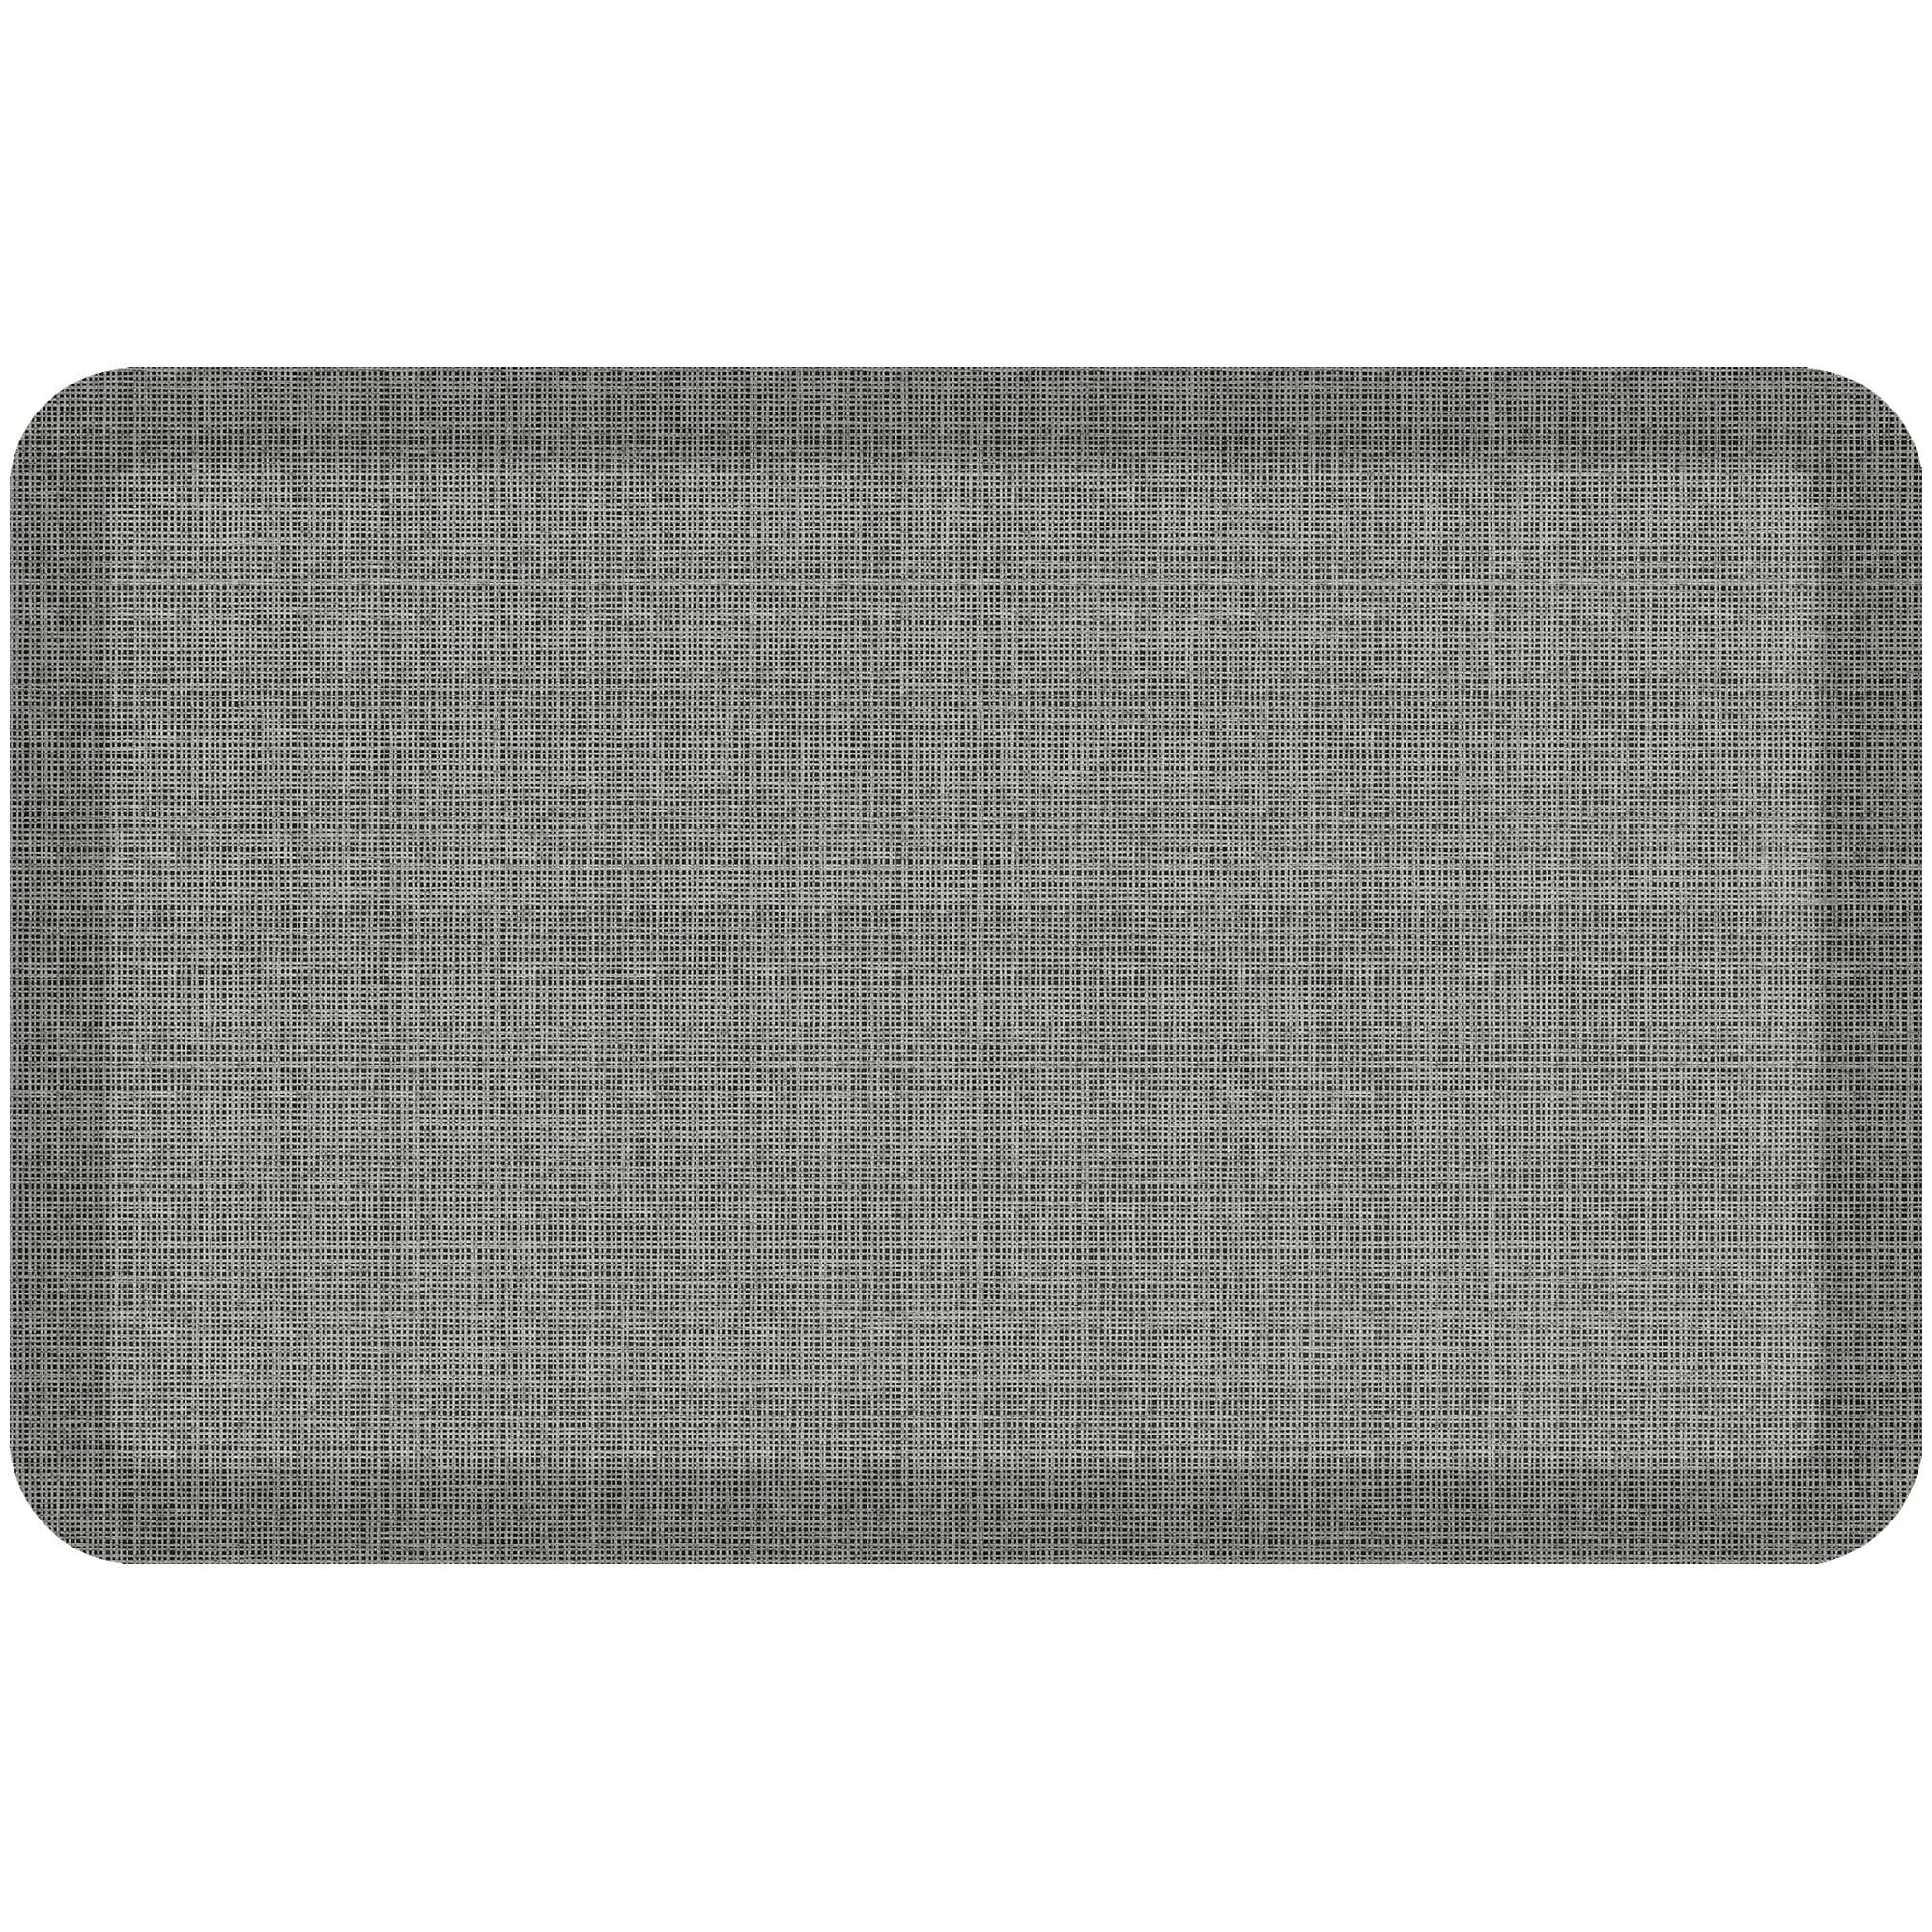 NewLife by GelPro Designer Comfort Kitchen Floor Mat 20x32 Tweed Antique White